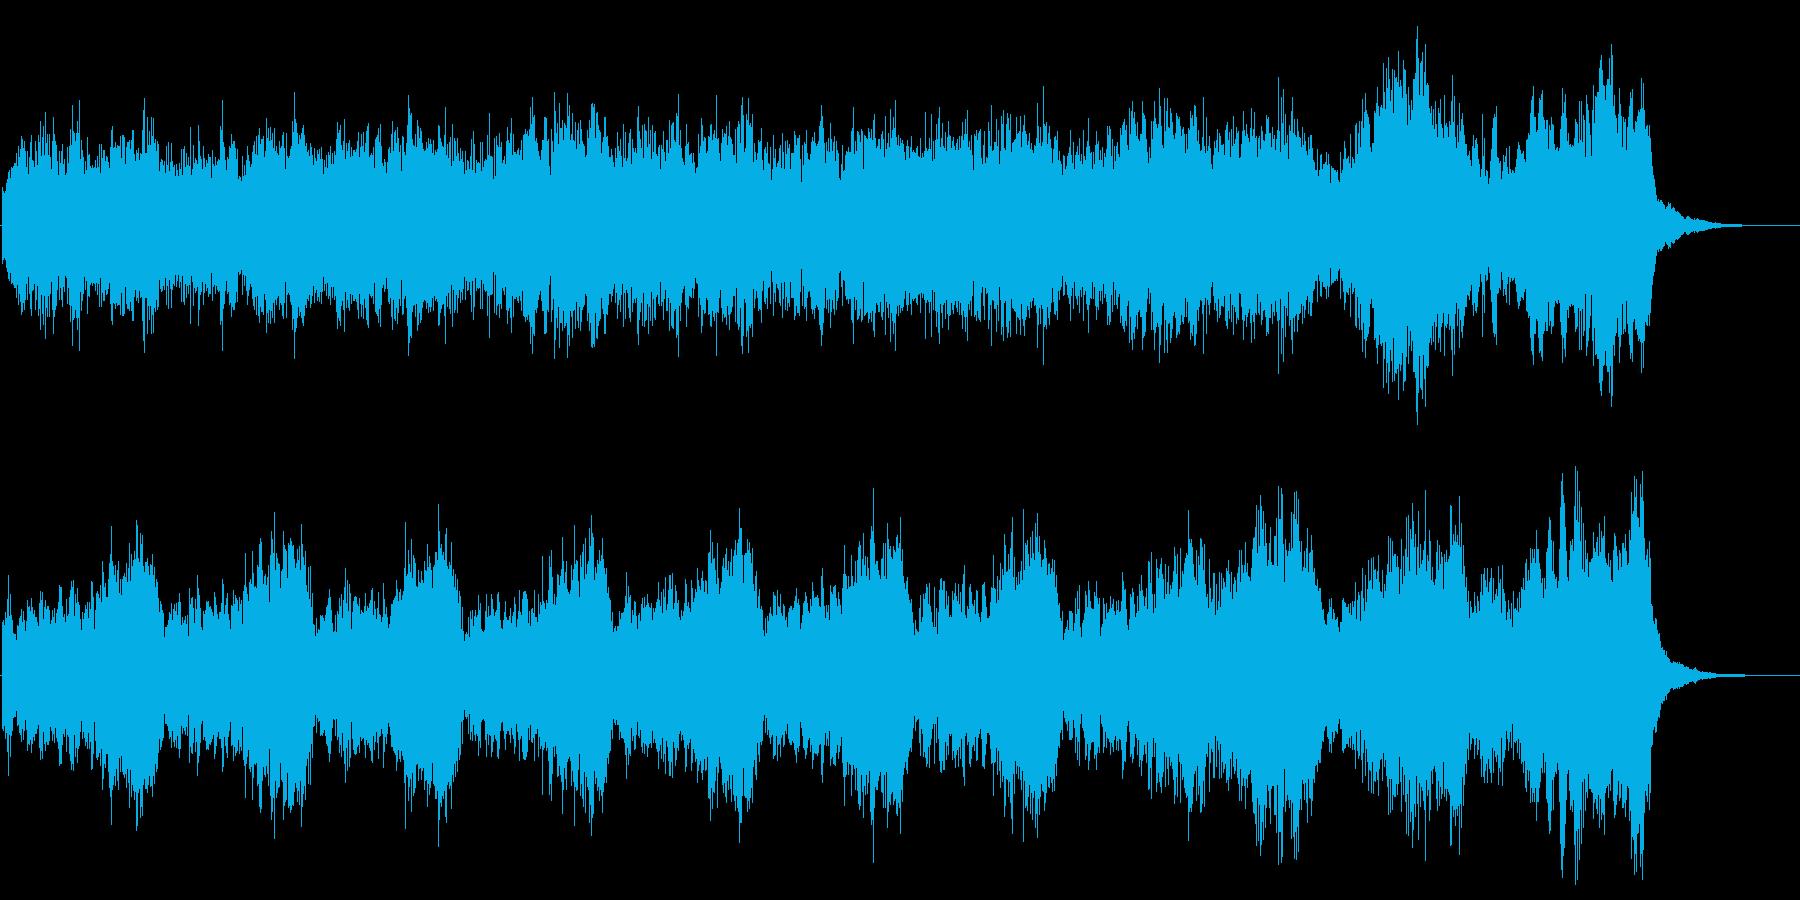 ダークファンタジーなジングル 敵の脅威の再生済みの波形